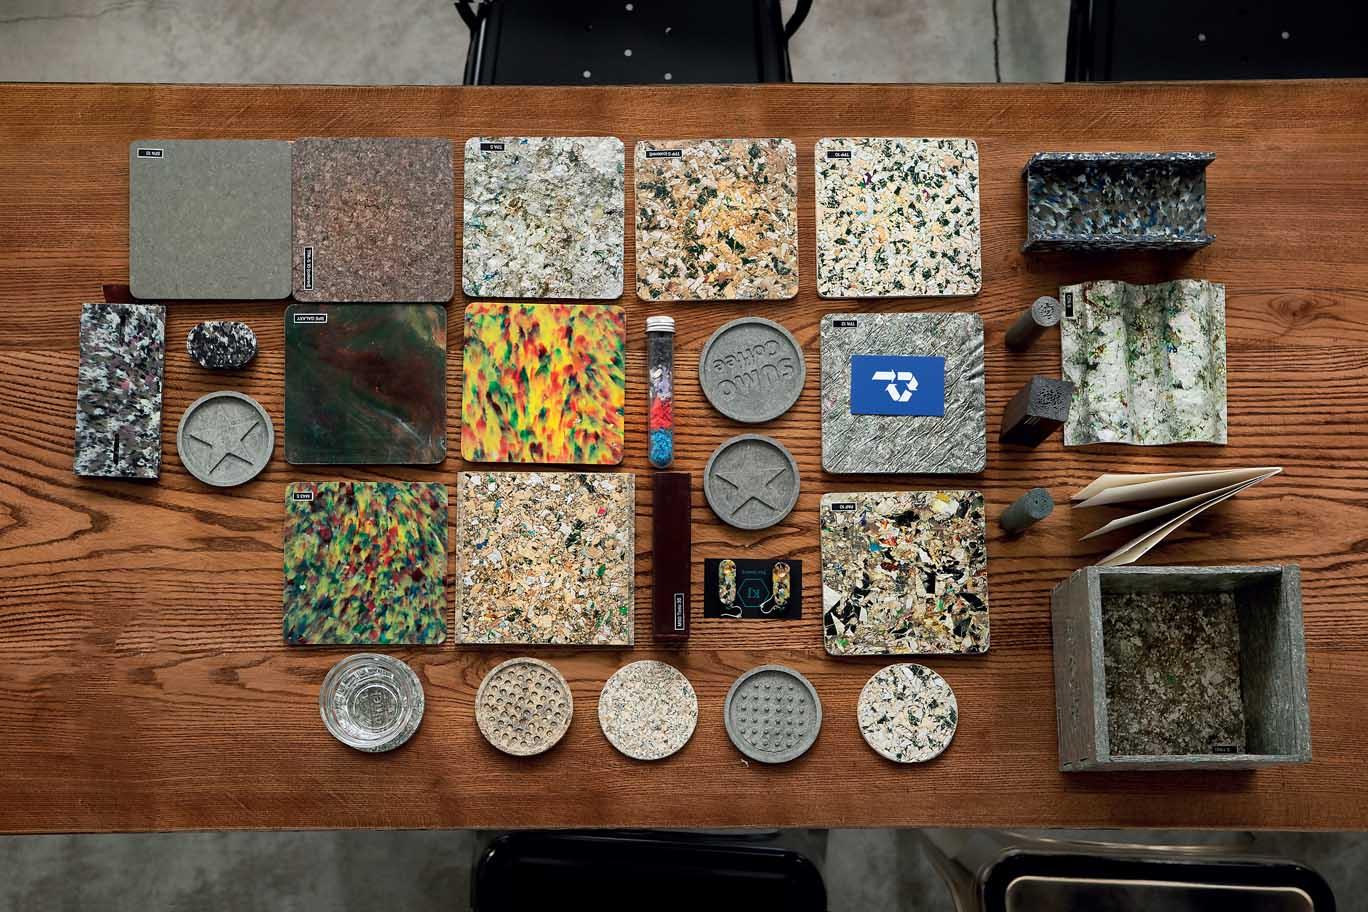 sản phẩm bền vững Plastic People